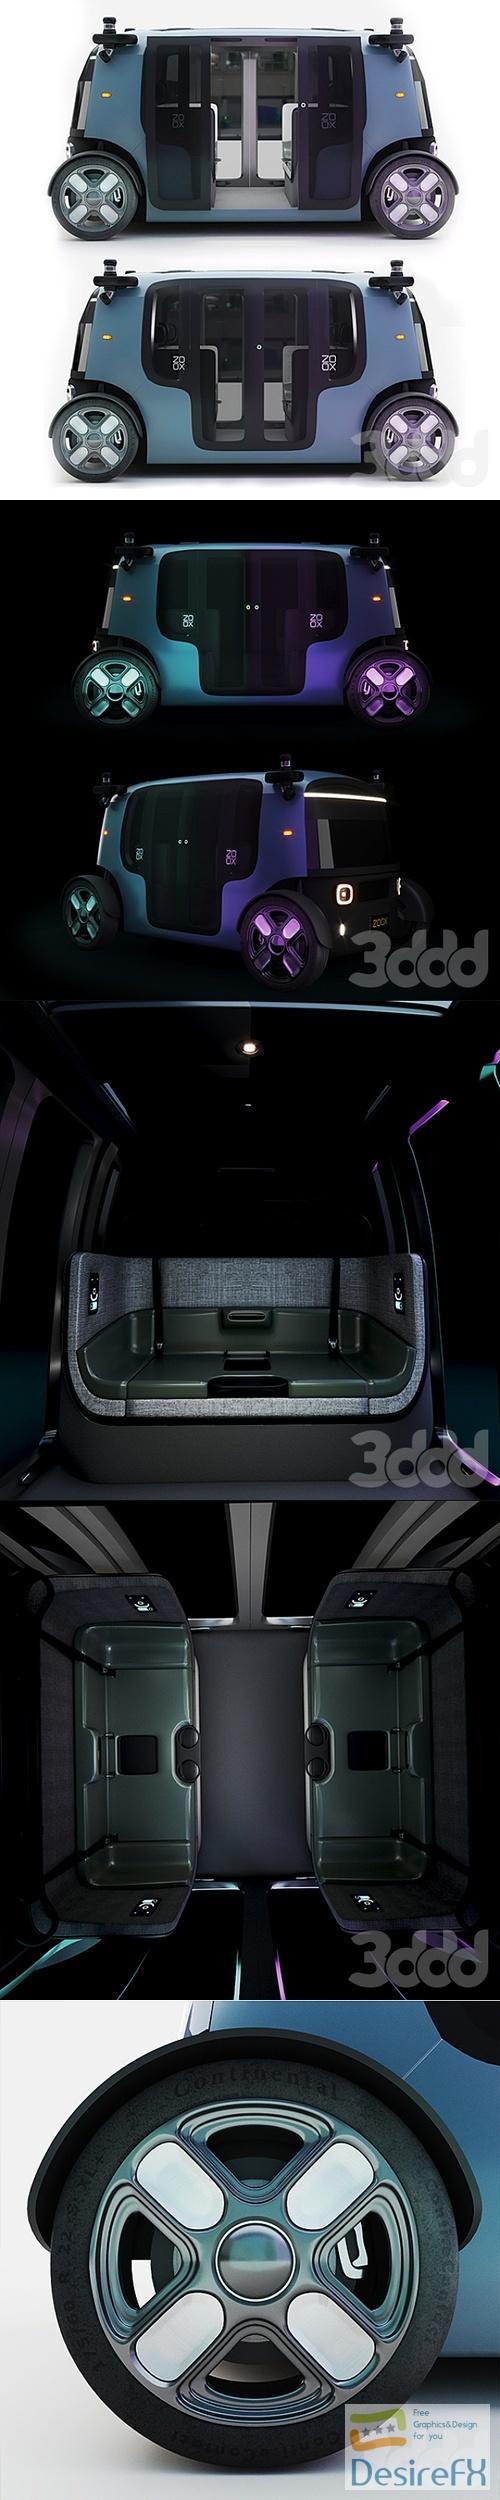 Zoox Smart Car 3D Model